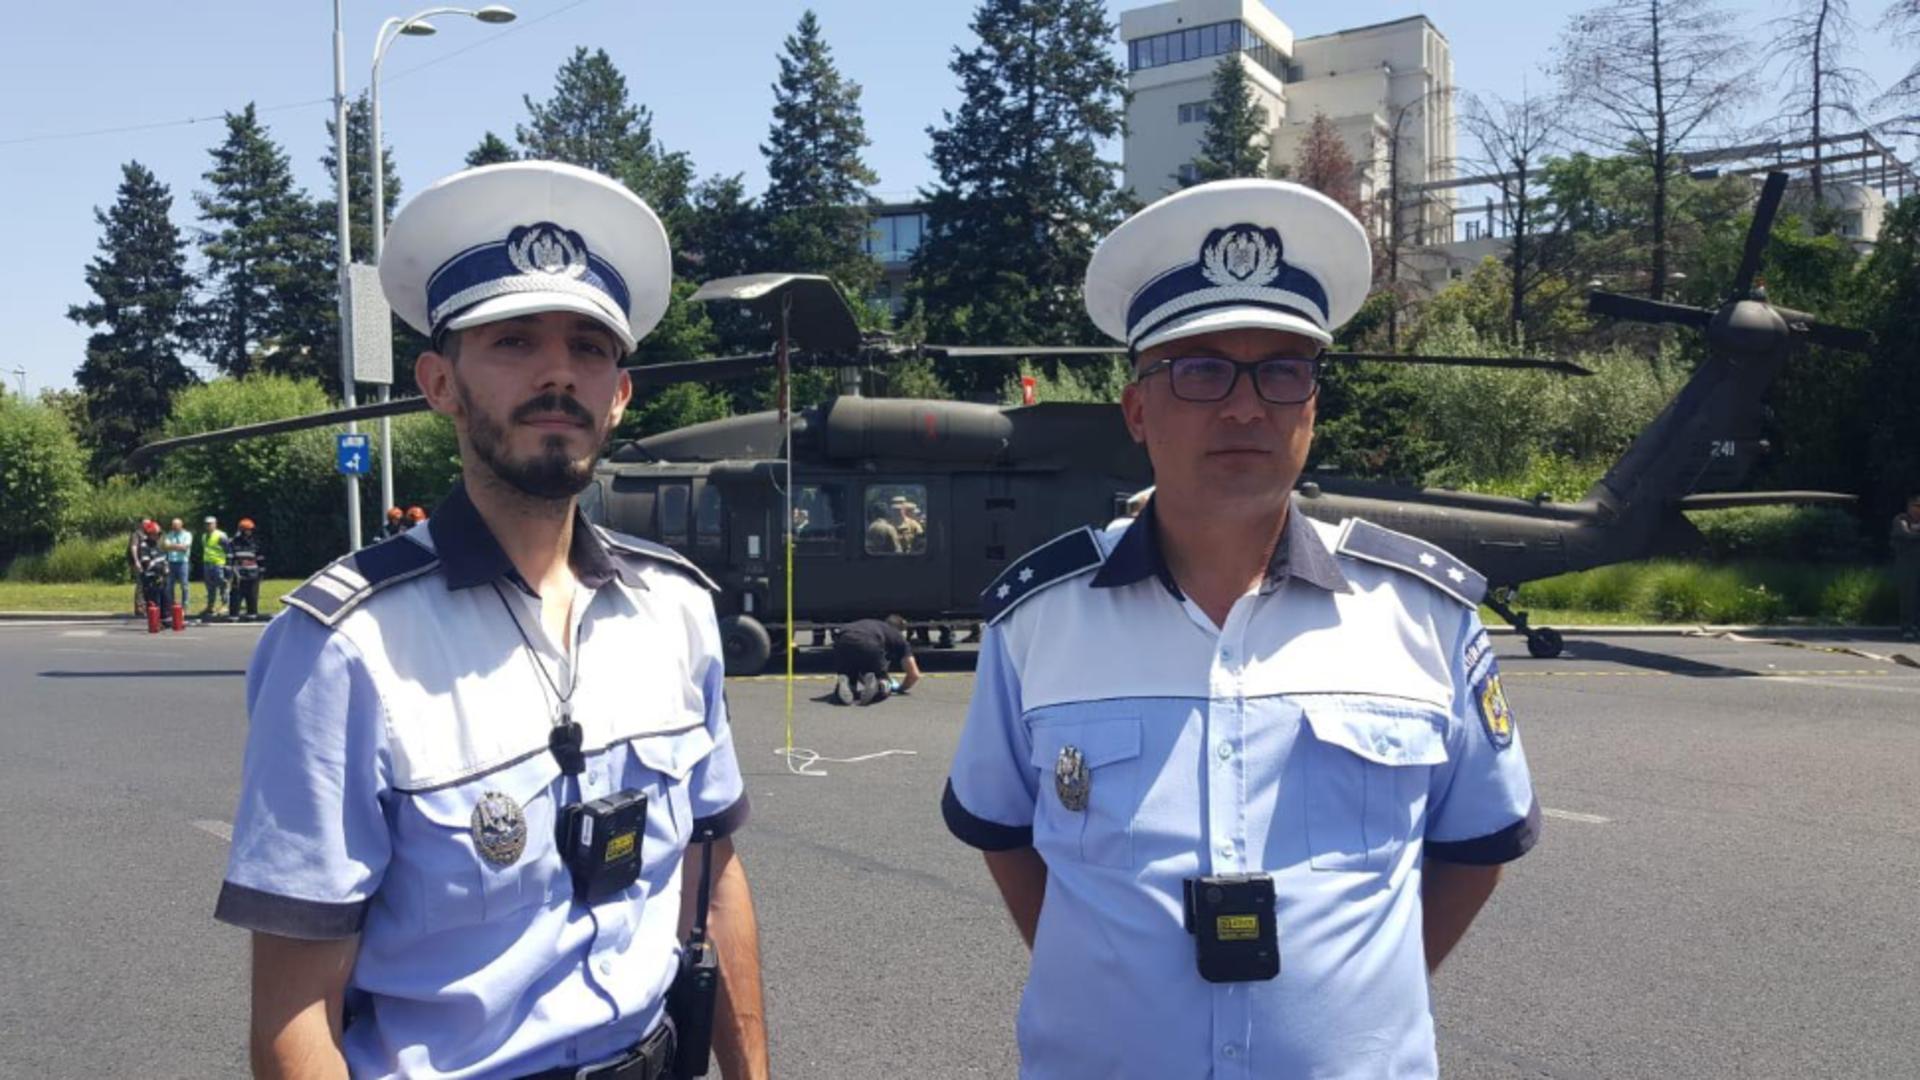 Beinur și Adrian, cei doi polițiști care au contribuit la evitarea unei tragedii